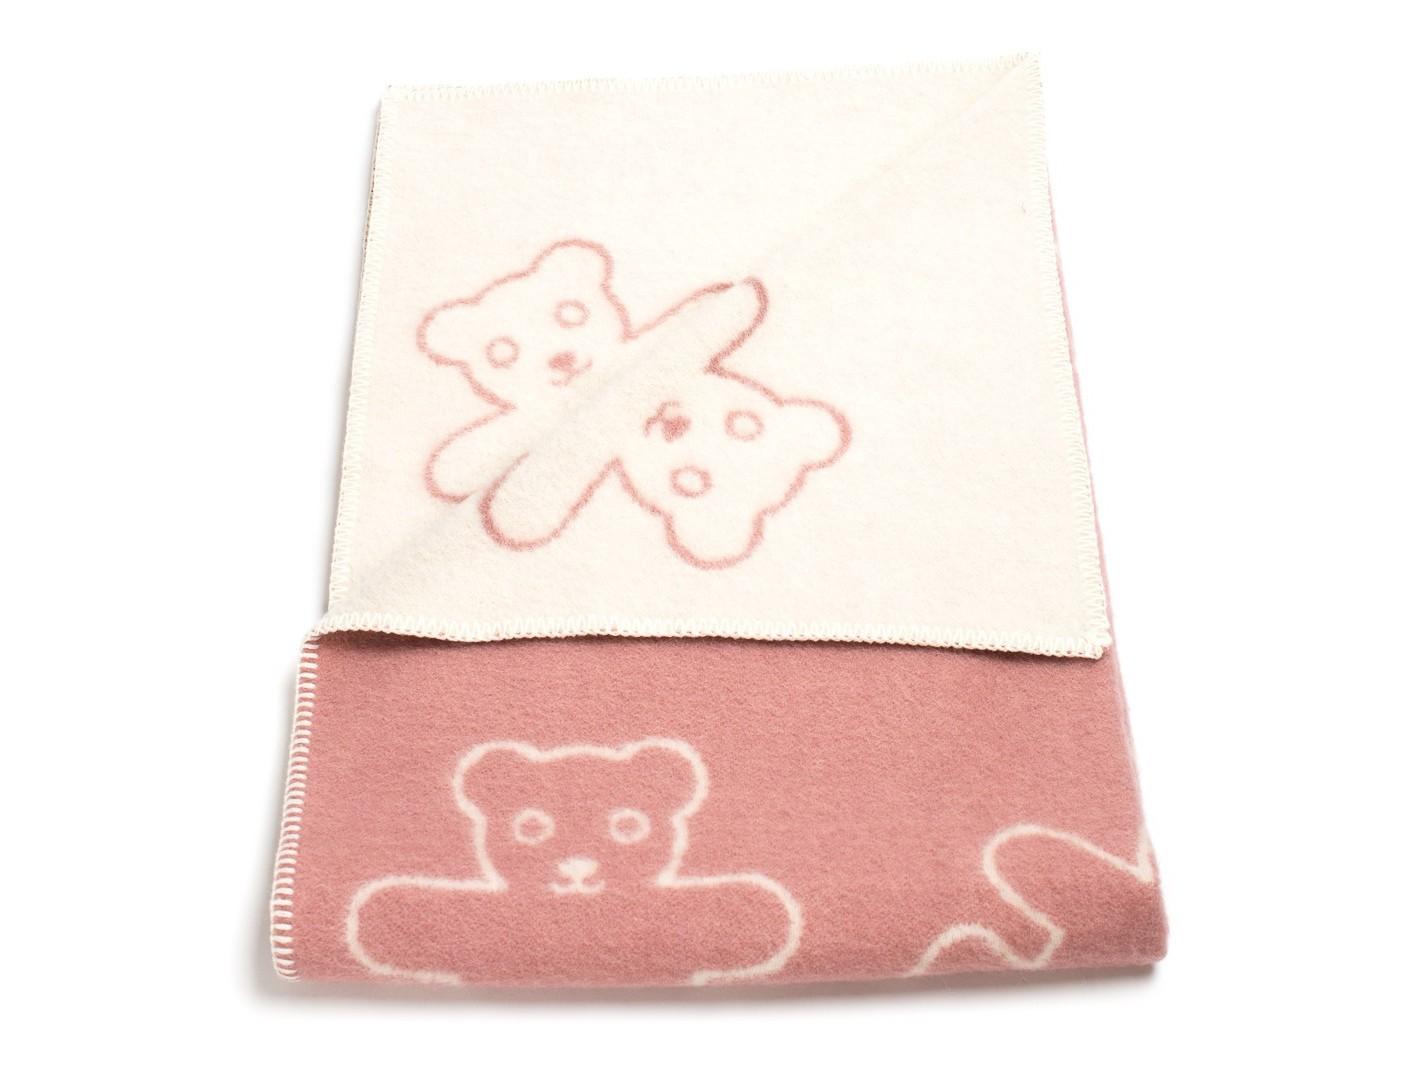 Плед Teddy RoseШерстяные пледы<br>Уютный детский плед с рисунком &amp;quot;Мишки&amp;quot;. Одна сторона - розовая, вторая - кремовая. Теплое, натуральное шерстяное одеяло для Вашей малышки!<br><br>Material: Шерсть<br>Ширина см: 90